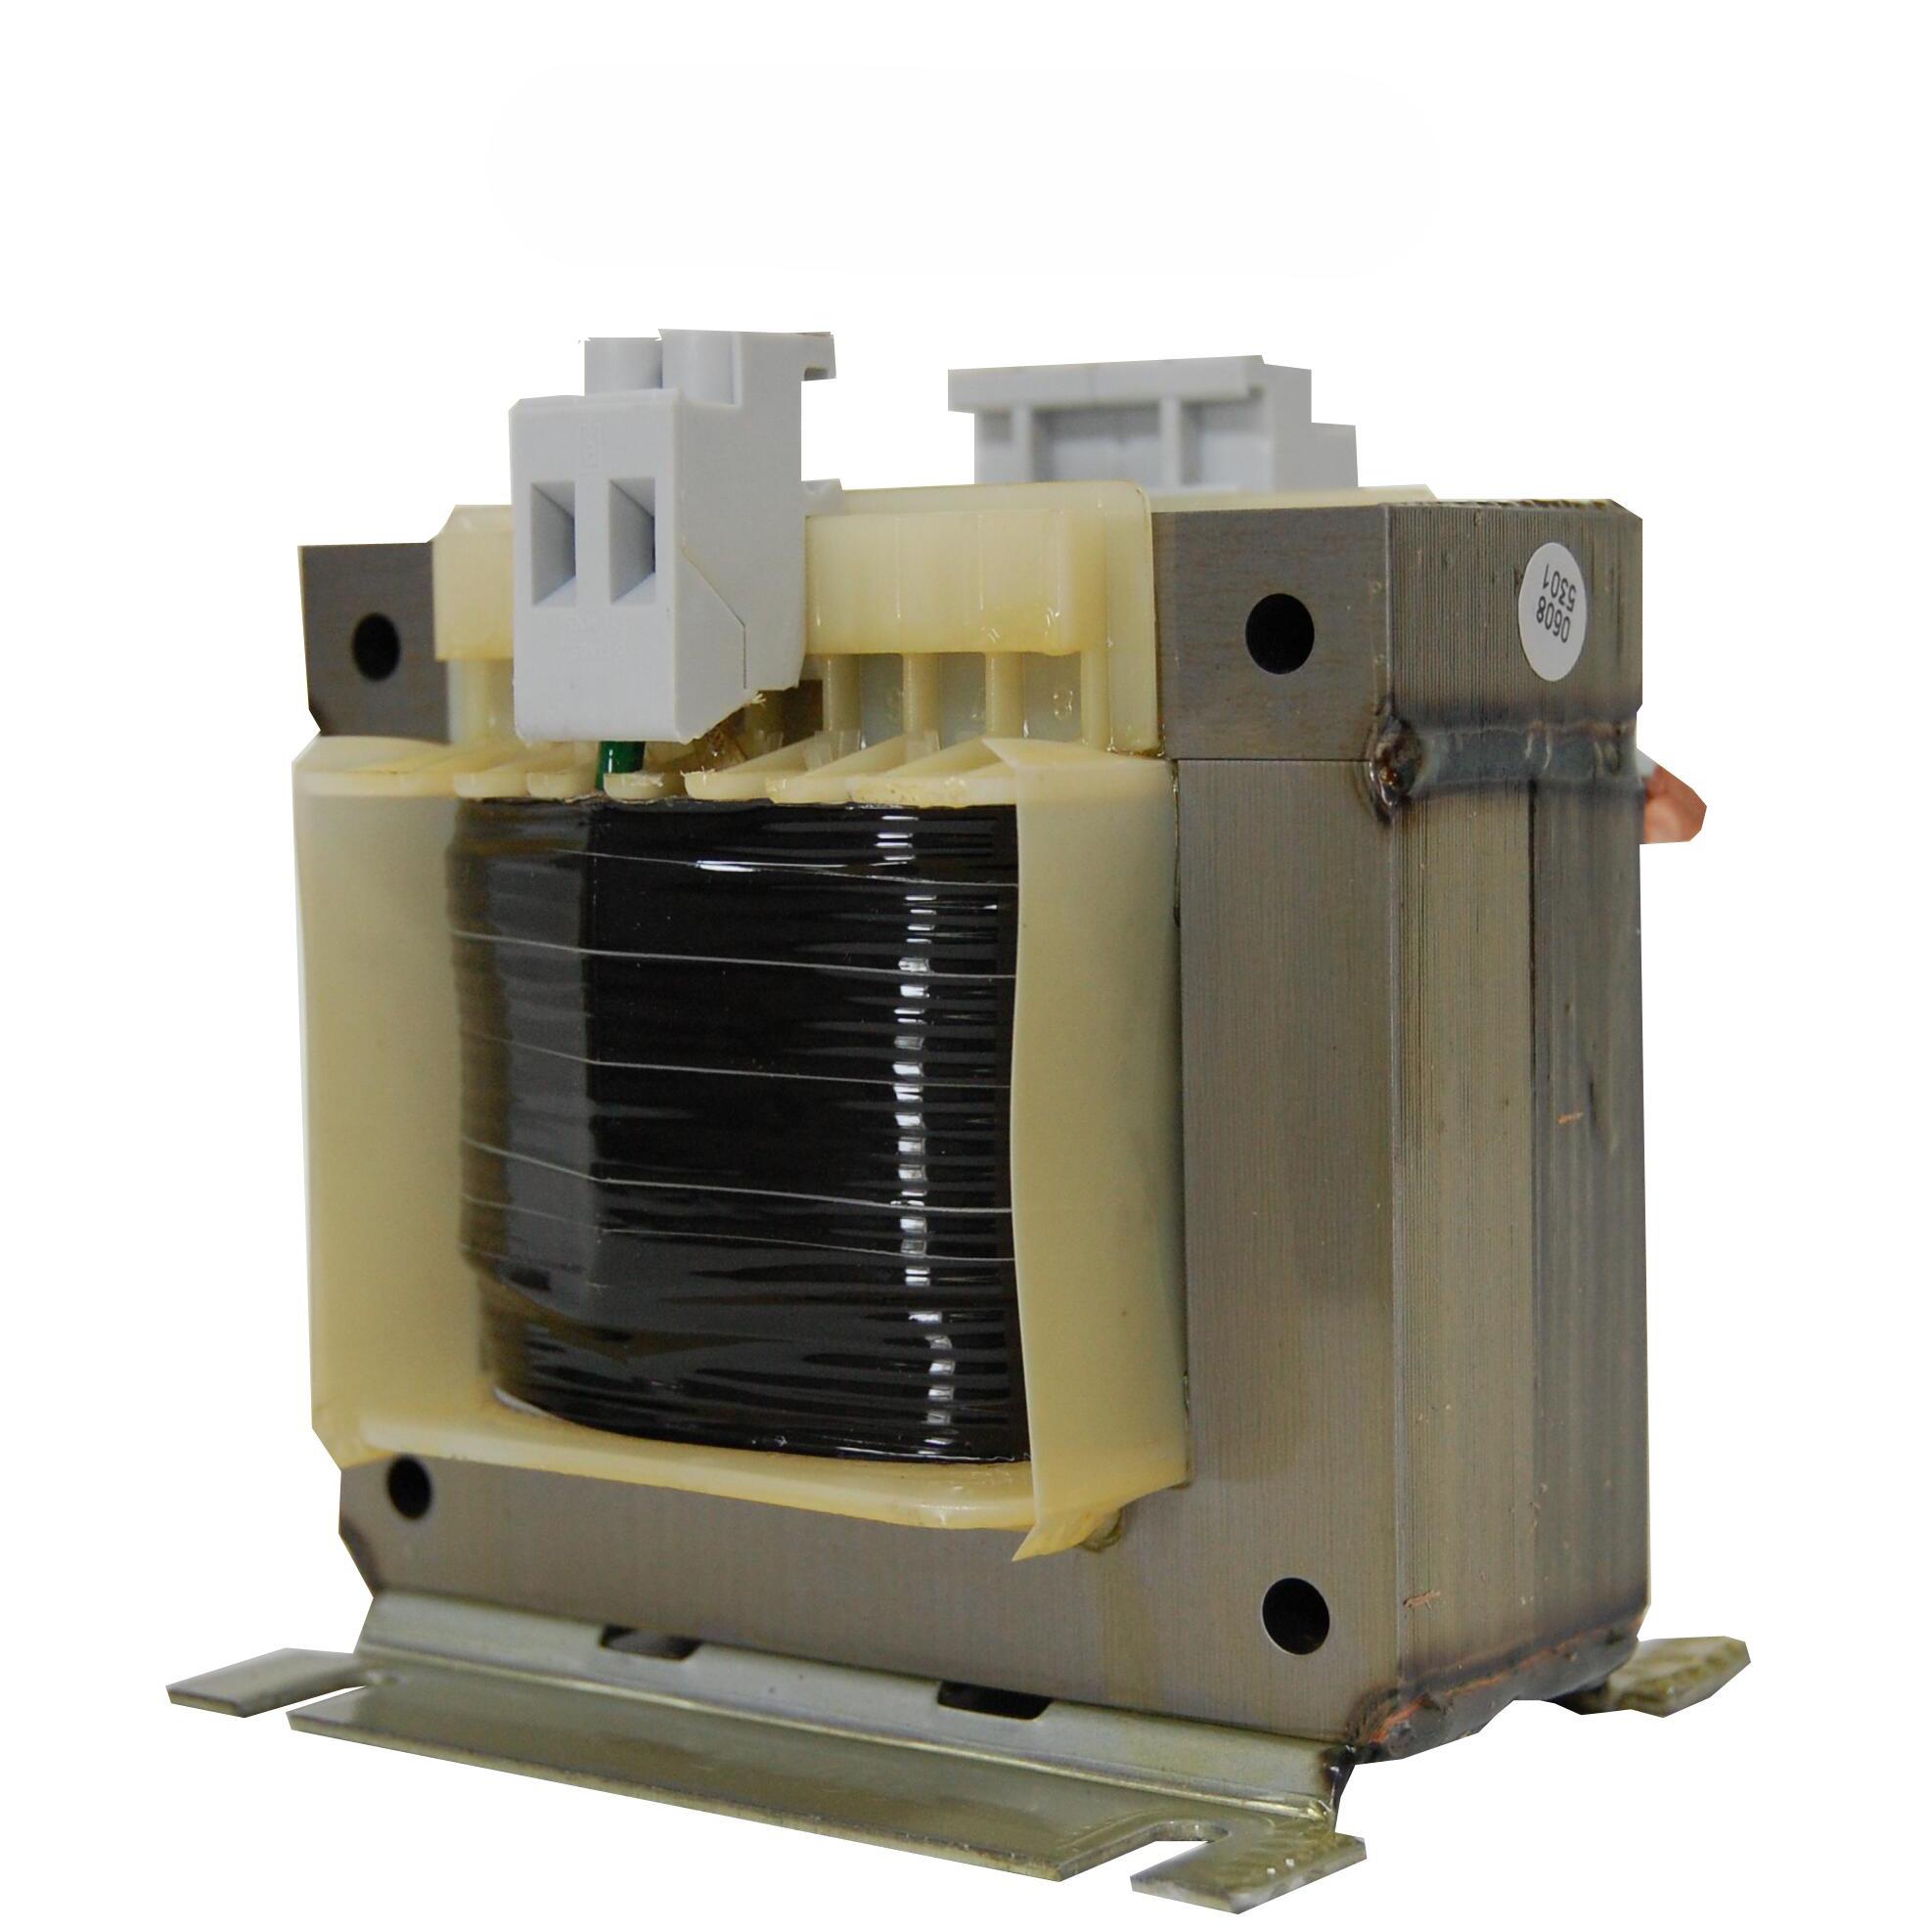 1 Stk Einphasen Steuertransformator 400/230V, 3000VA, IP00 LP604300T-